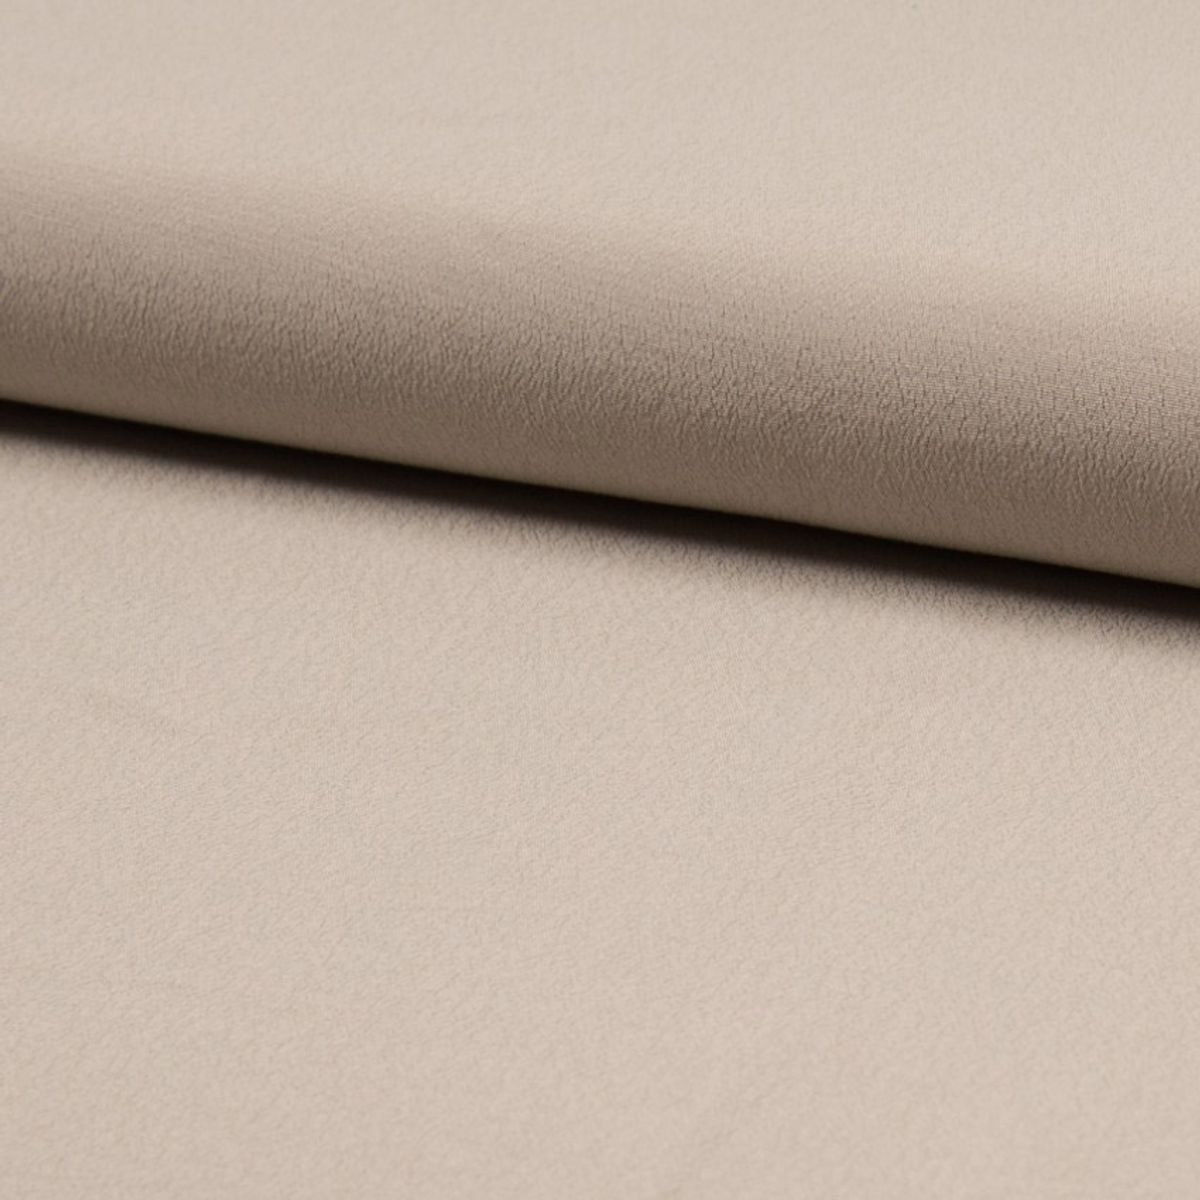 Tissu crêpe de viscose - Beige